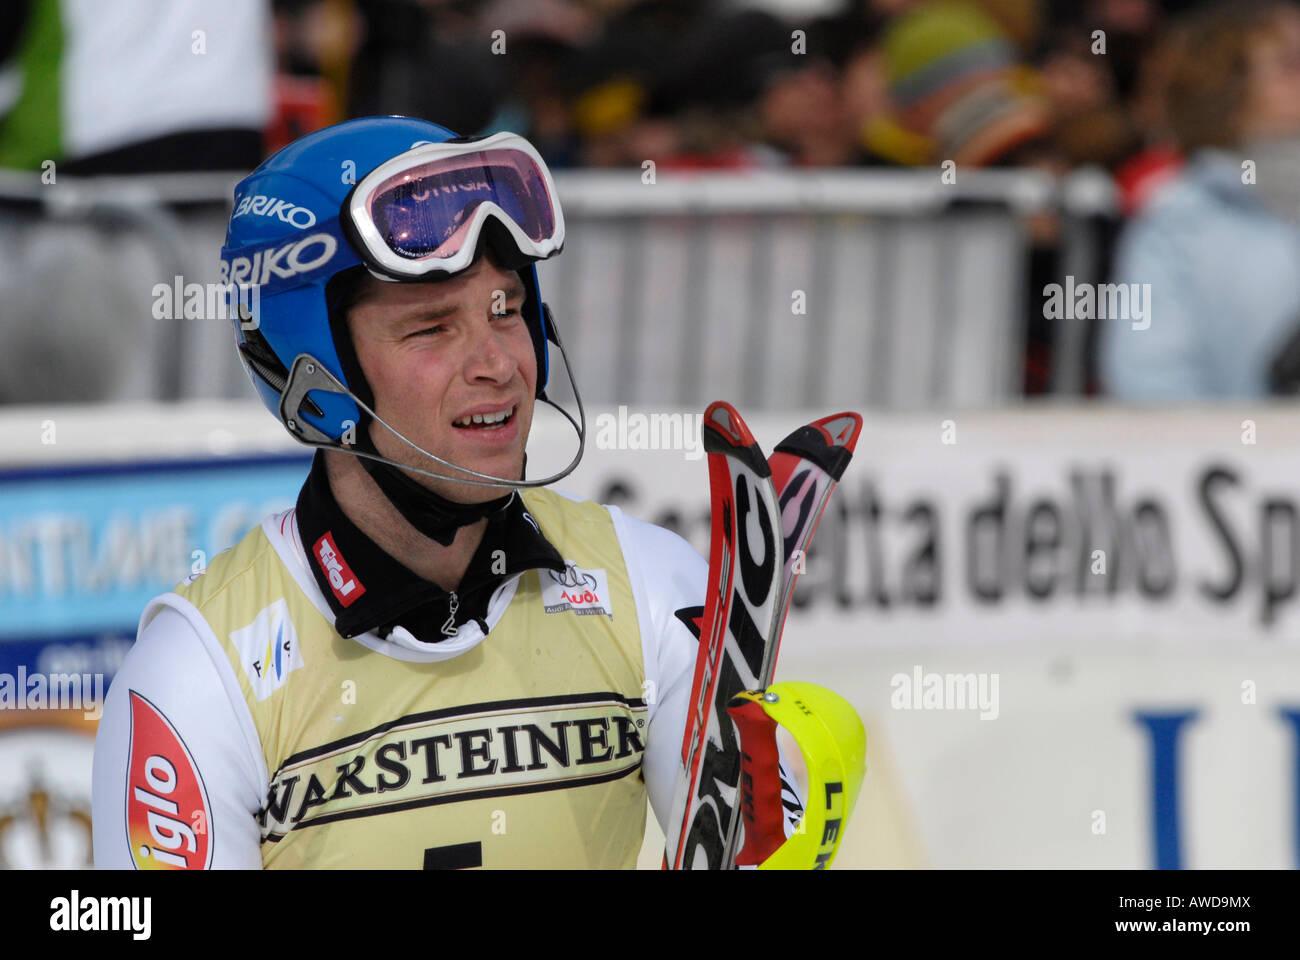 Benjamin Raich, Austria, FIS Ski Worldcup, Garmisch-Partenkirchen, Bavaria, Germany - Stock Image